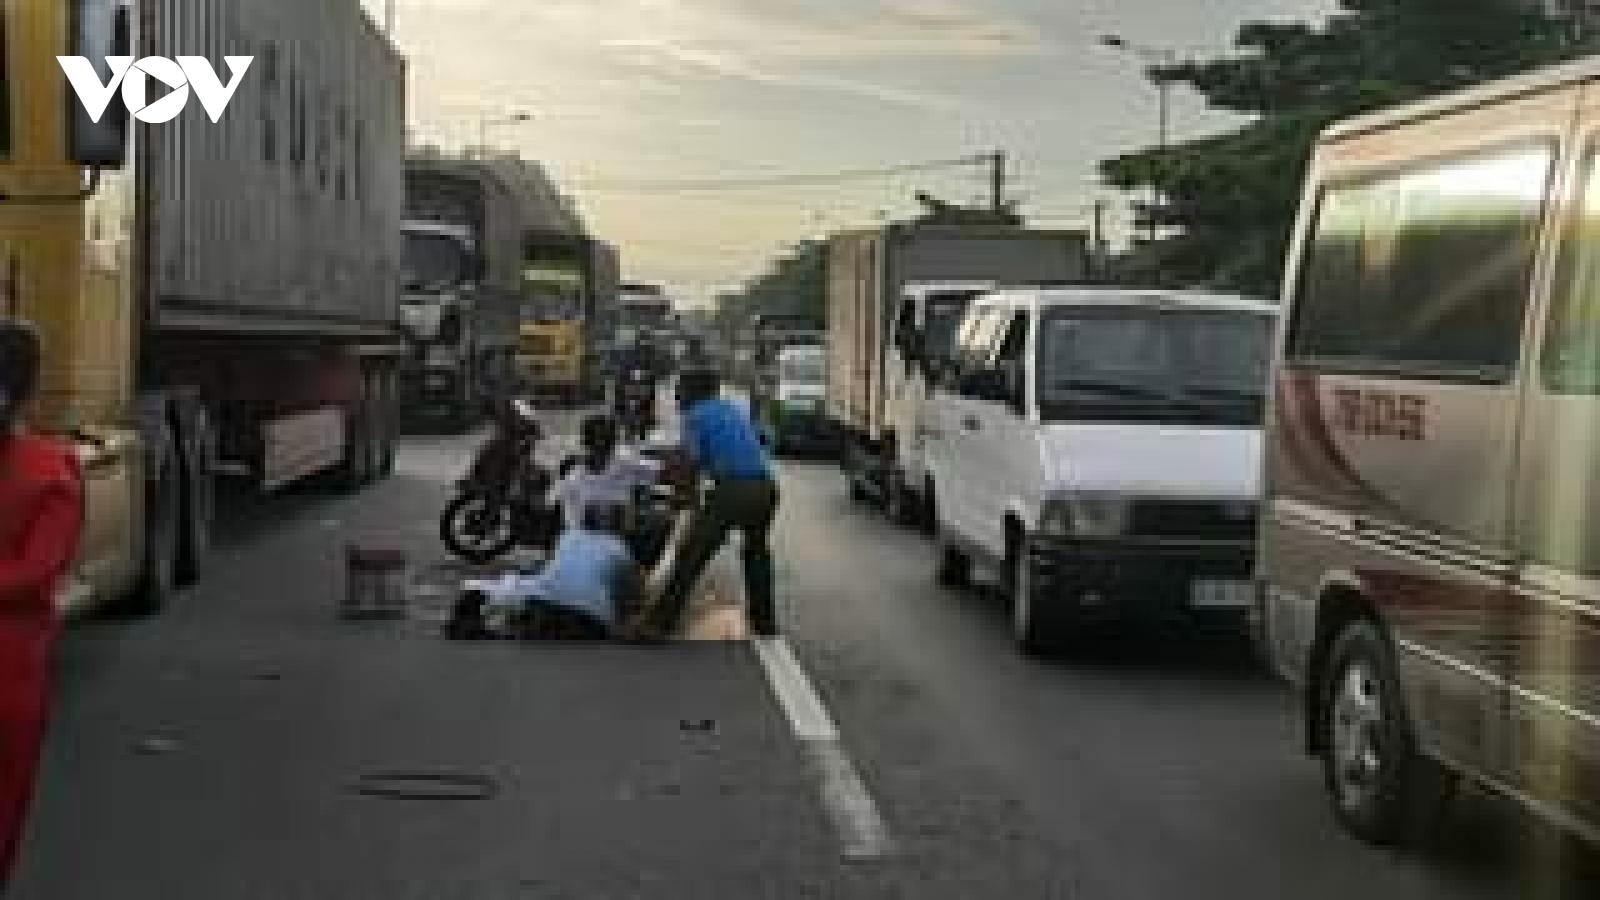 Ô tô khách tông xe gắn máy làm 2 người thương vong